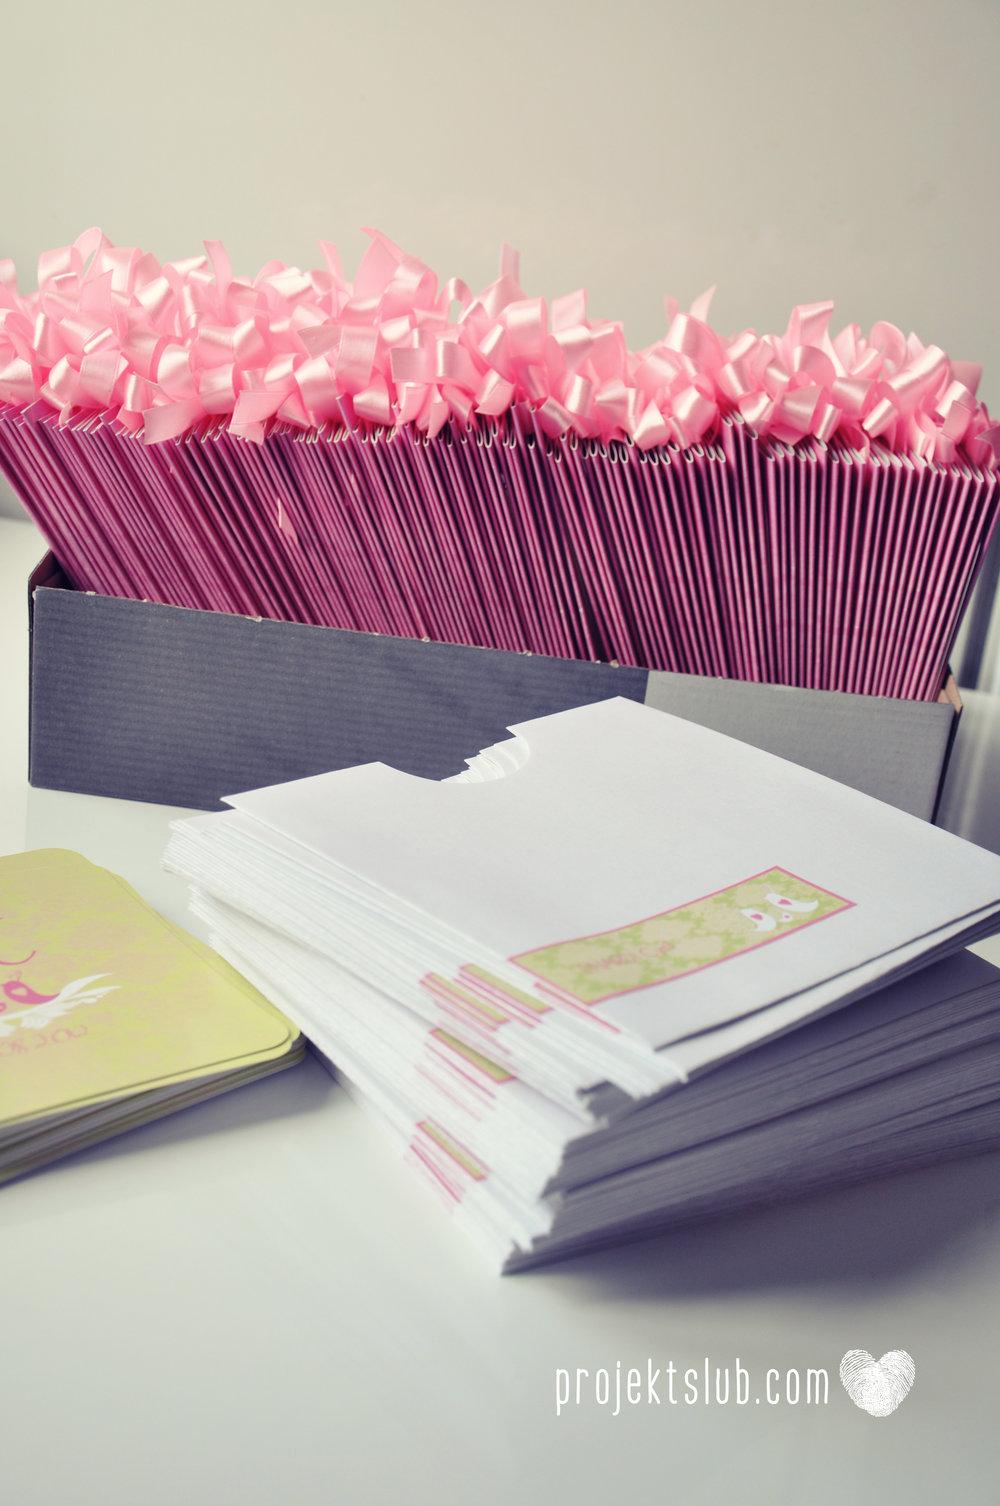 zaproszenia-ślubne-eleganckie-glamour-ptaszki-zaproszenia-dla-par-z-dzieckiem-różowy-róż-zielony-zaproszenia-projekt-ślub  (20).JPG